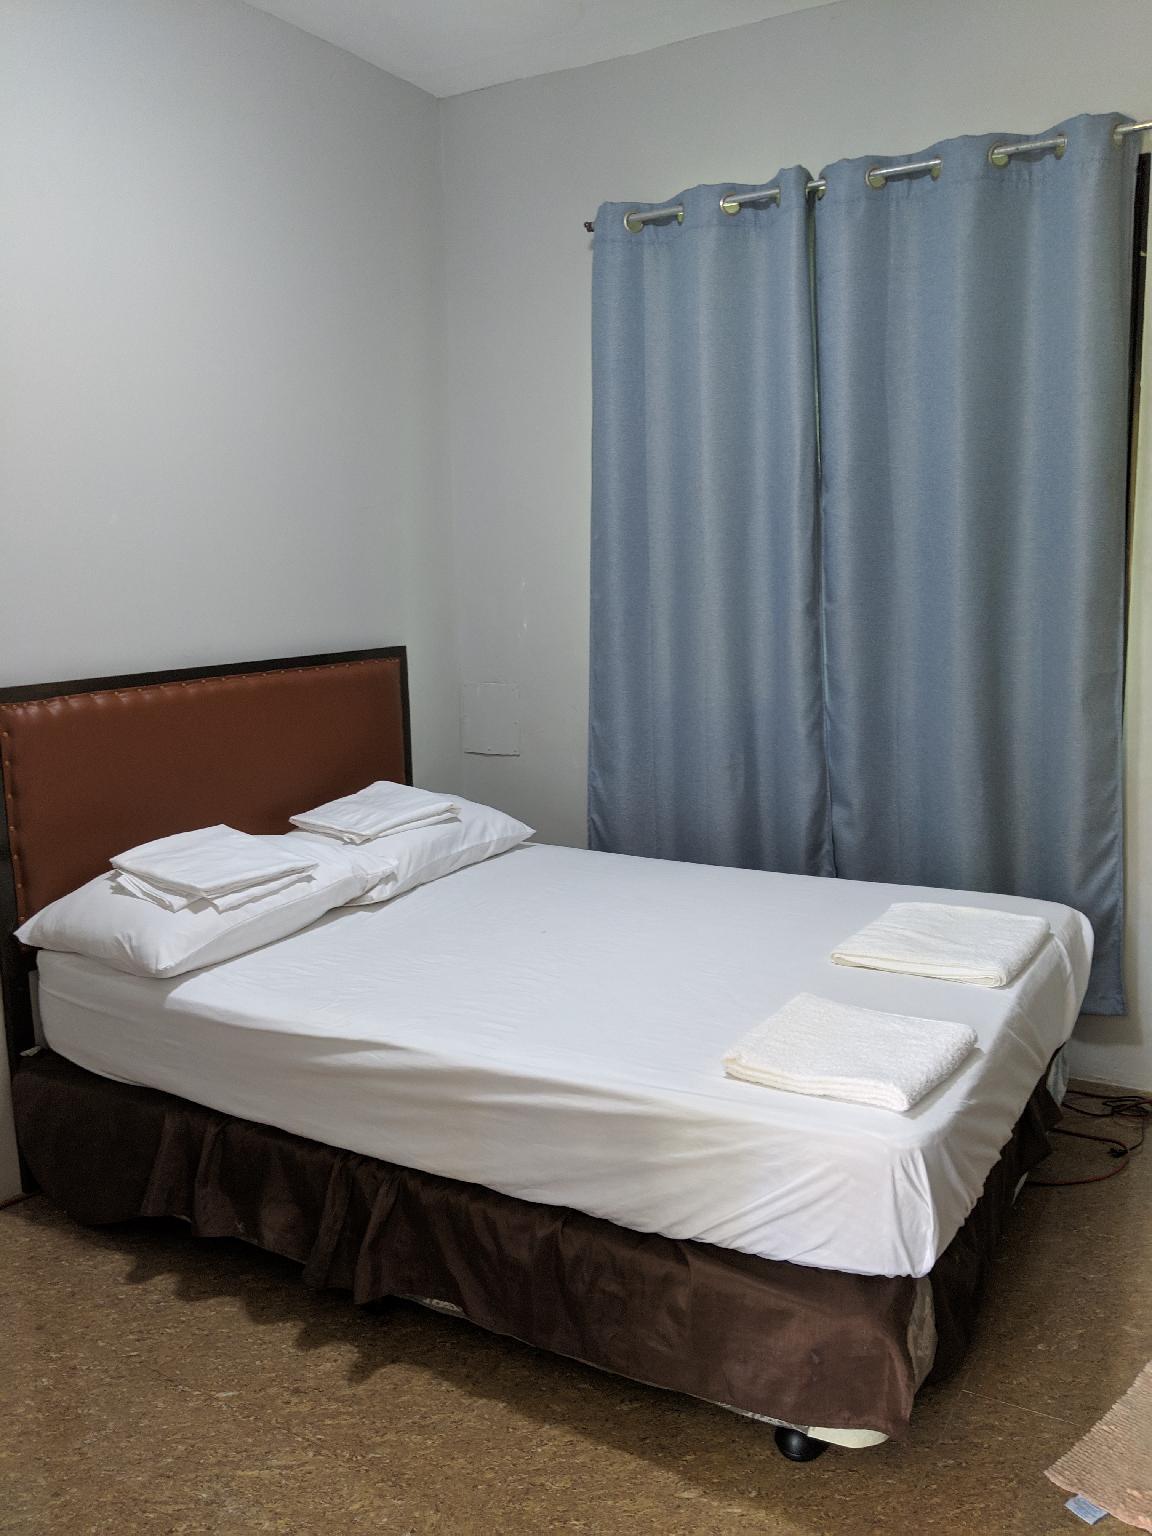 Seaside Traveler's Inn Sleep 2 Guests